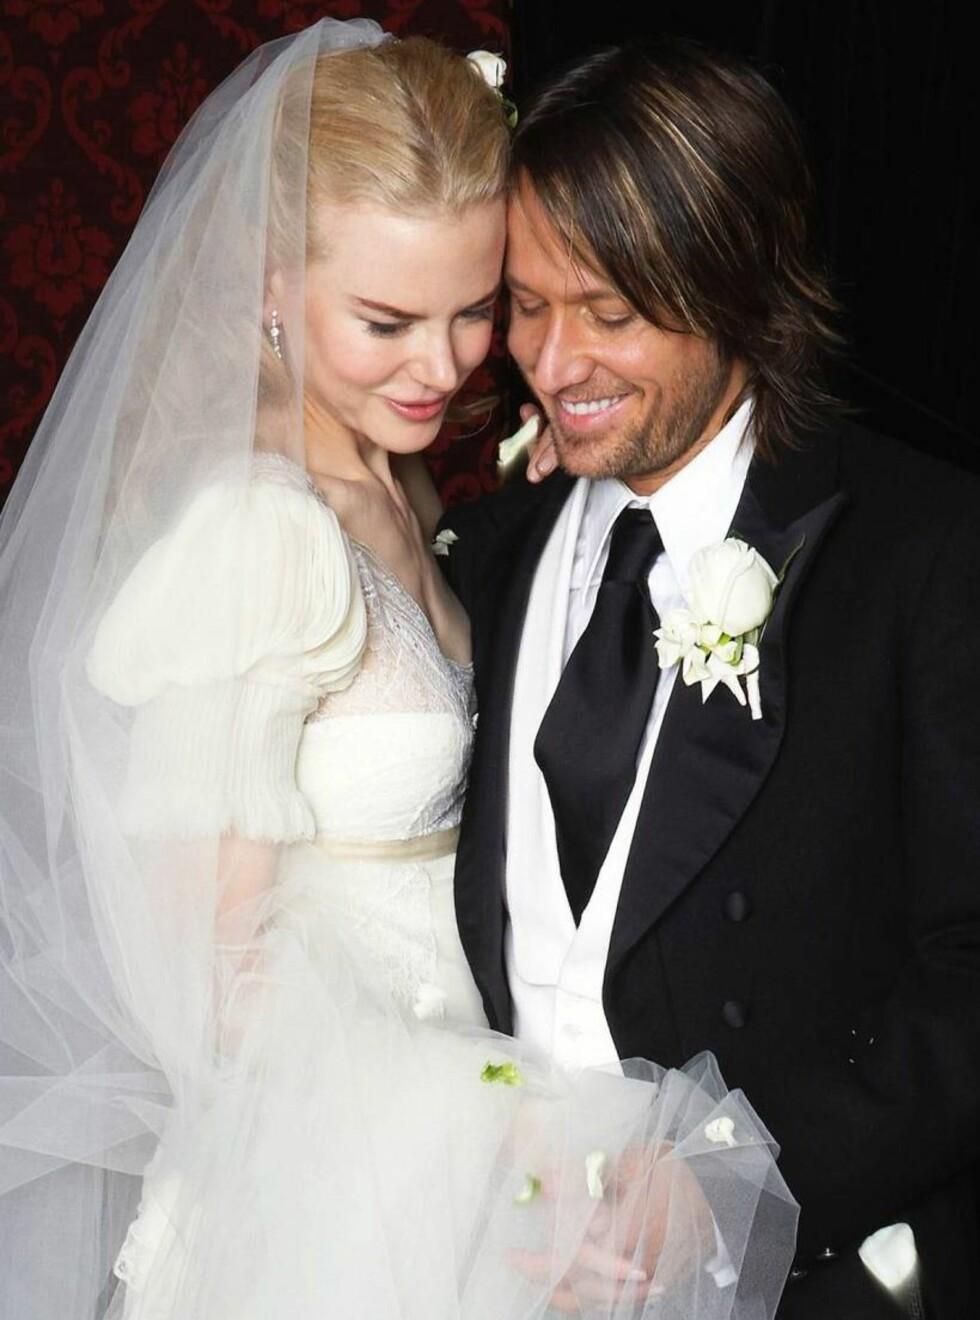 INGEN HINDRINGER: Selv om Nicole egenglig er skilt, ble det ikke noe problem å få gifte seg i en katolsk kirke. Foto: AP/Scanpix